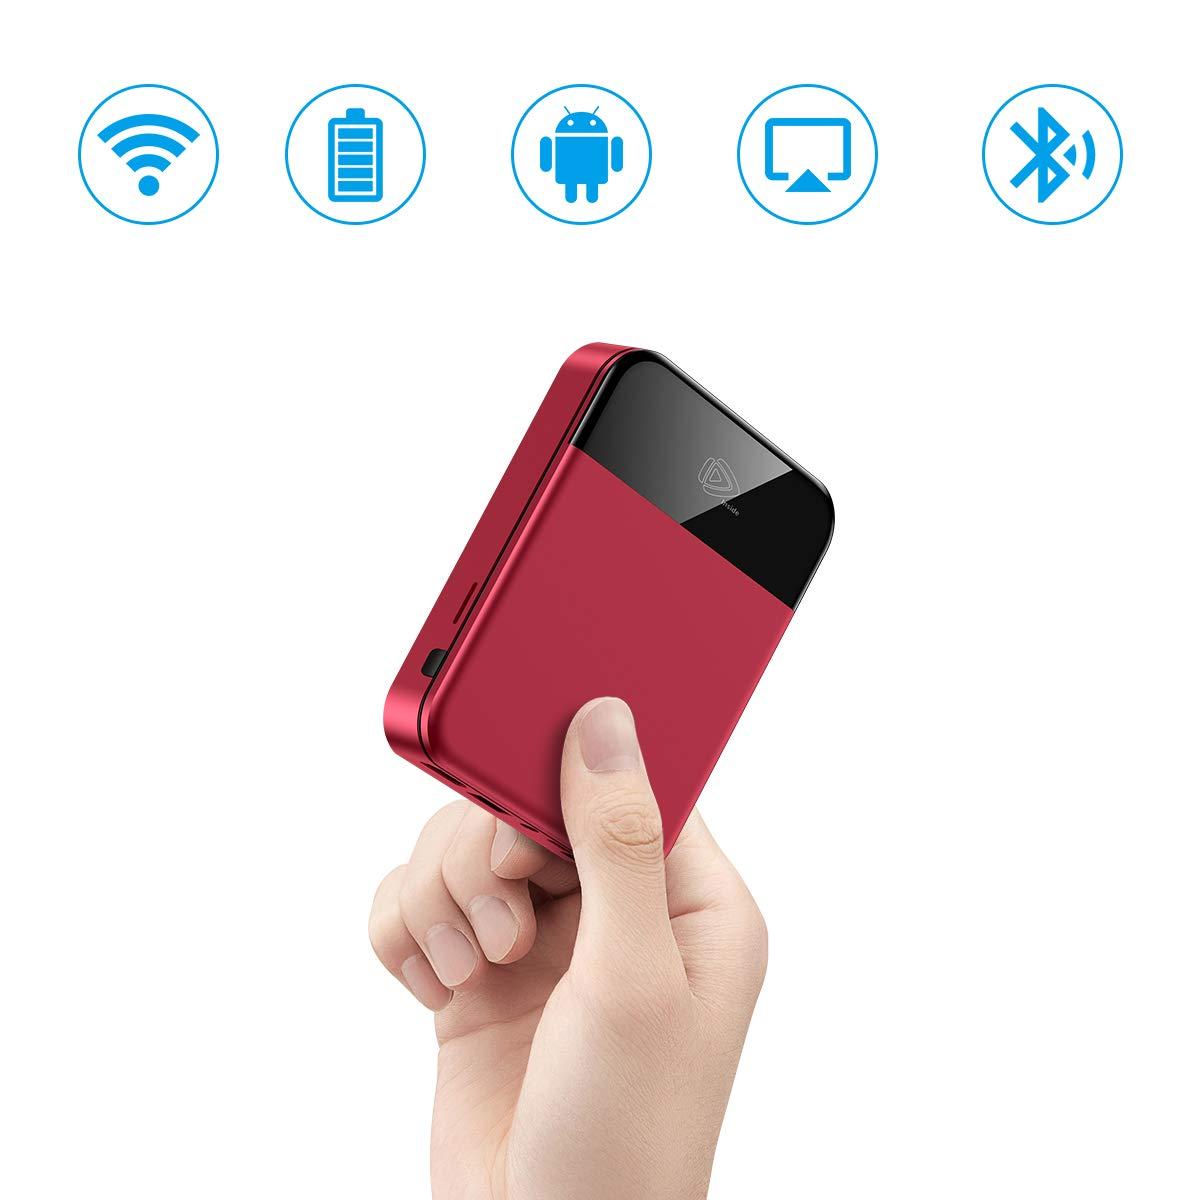 ミニプロジェクター ポータブルビデオ Android TV LEDプロジェクター 内蔵バッテリーサポート 1080P 4K スマートポケットプロジェクター ホームシアター アウトドア オフィス キッズプロジェクタ PODOOR (レッド) B07GWCL2JK